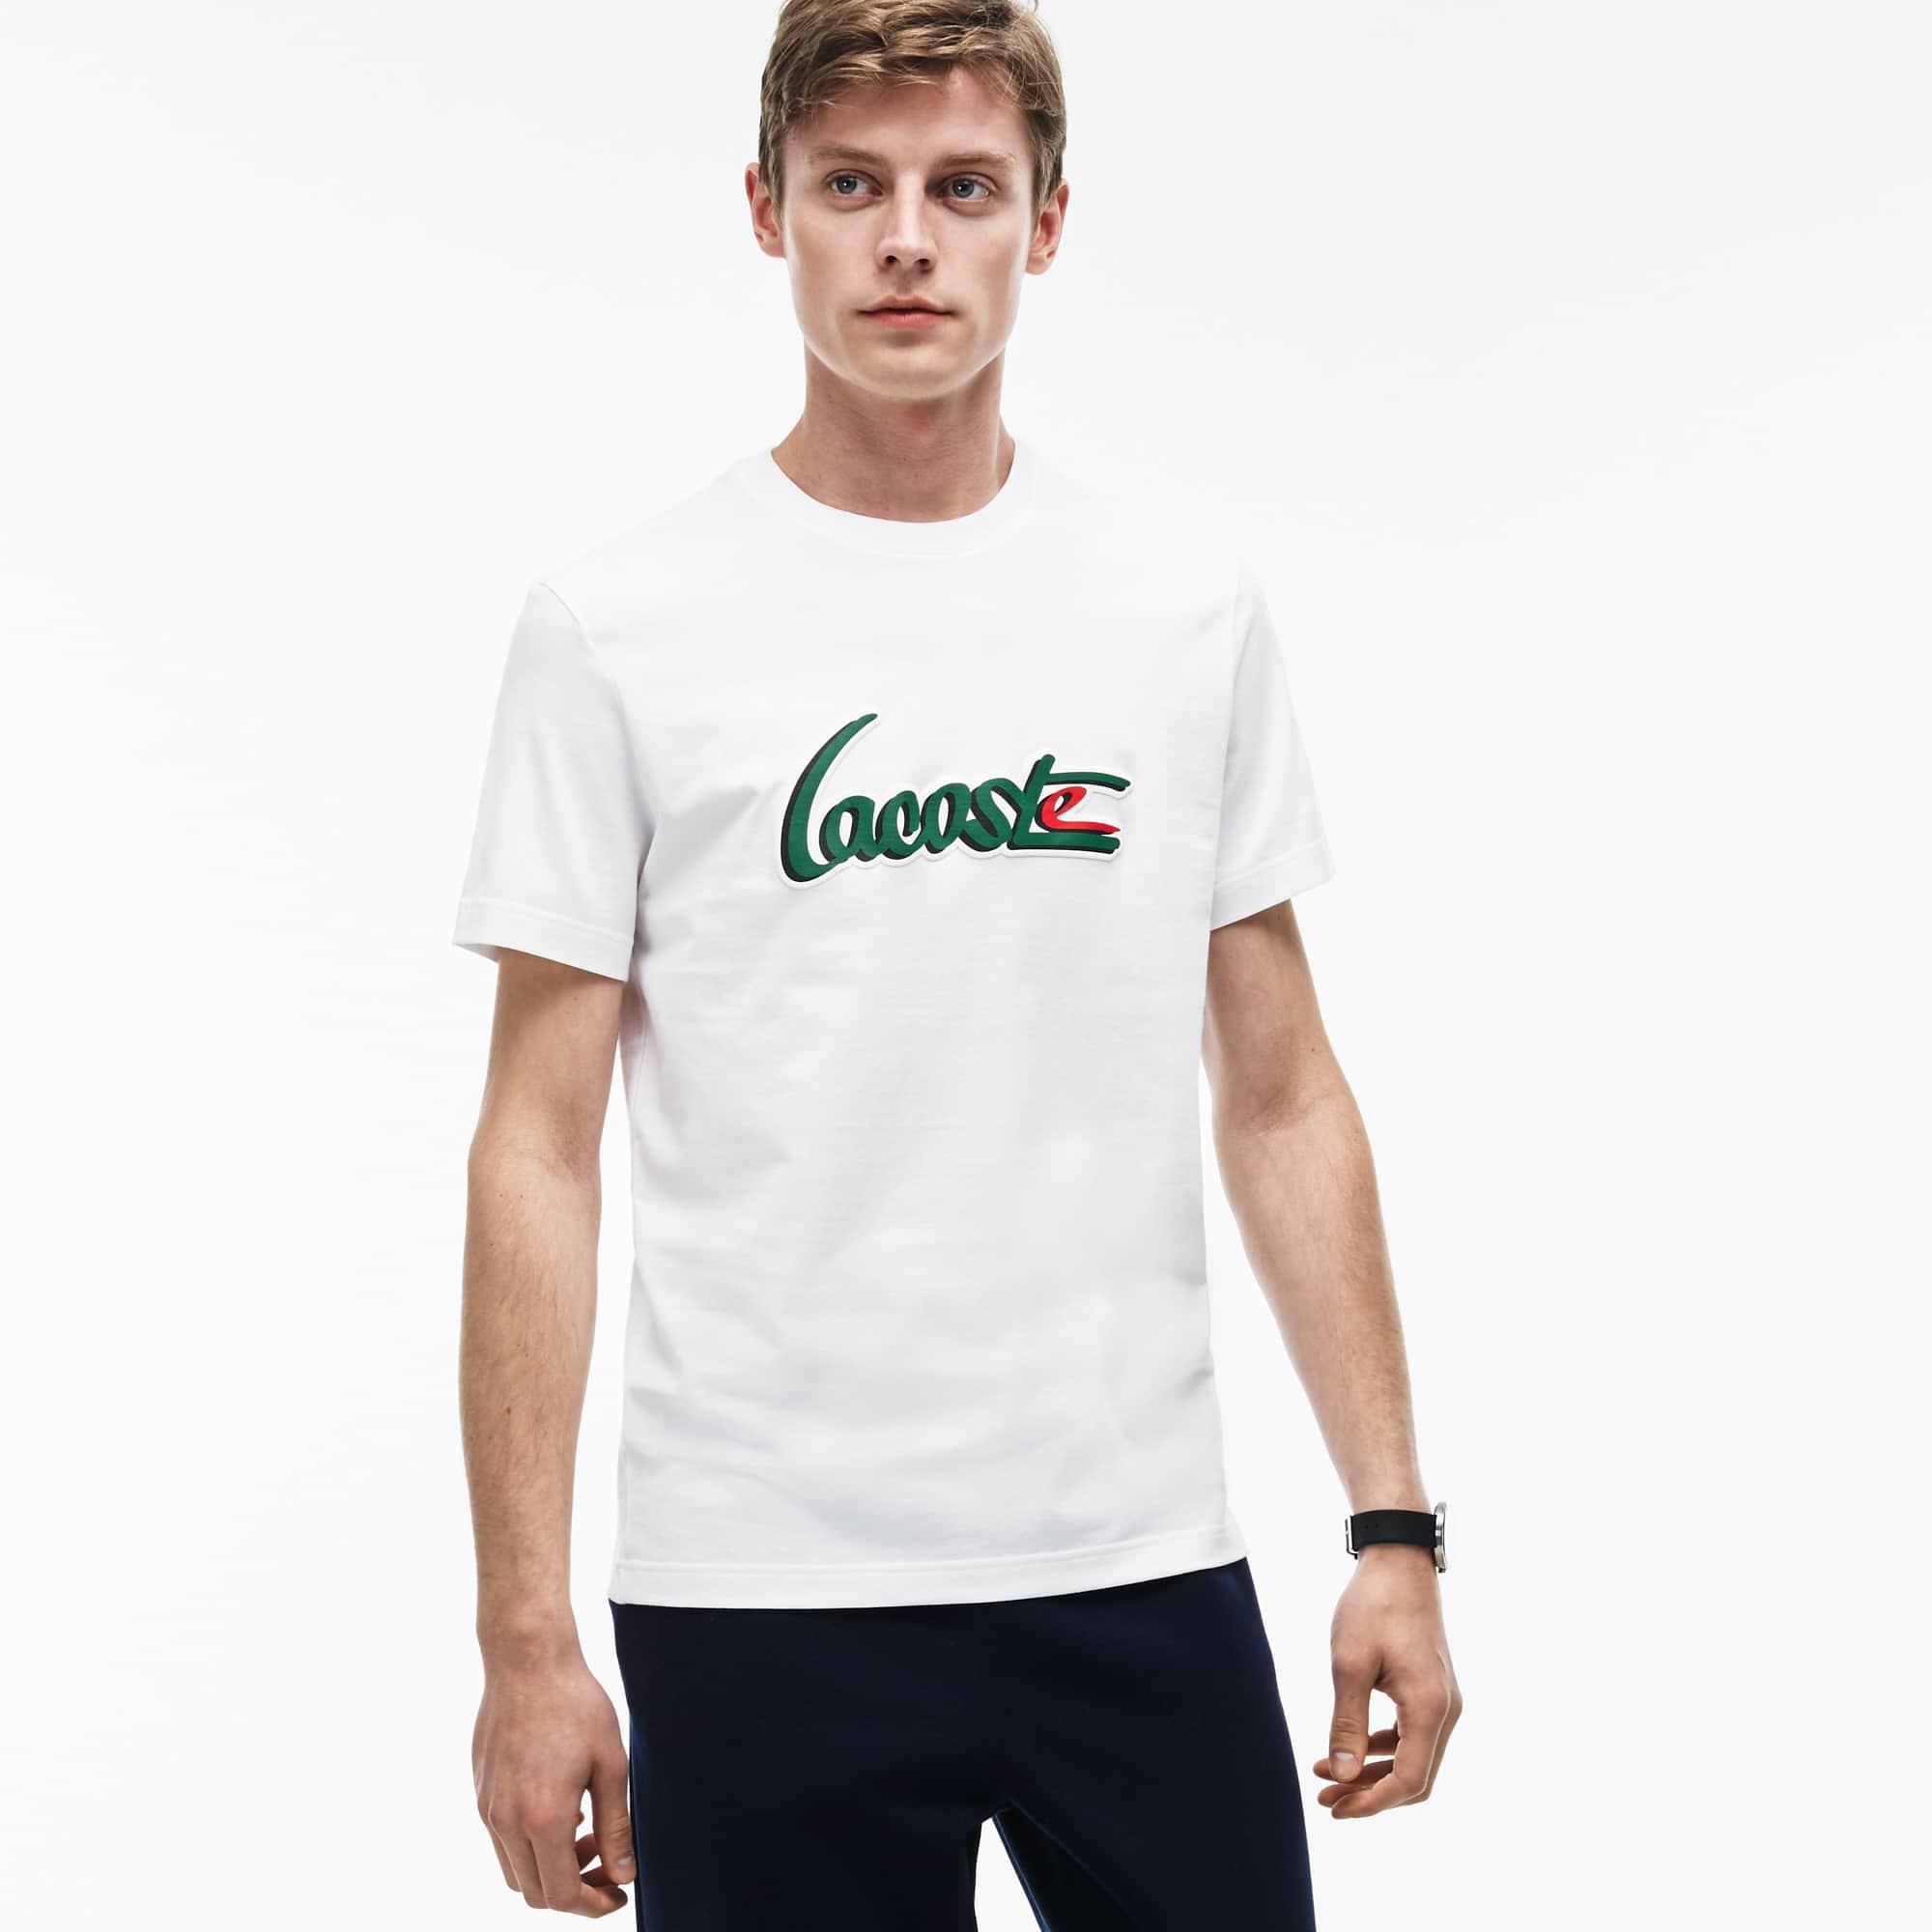 Herren Rundhals-Shirt aus Jersey mit LACOSTE-Schriftzug